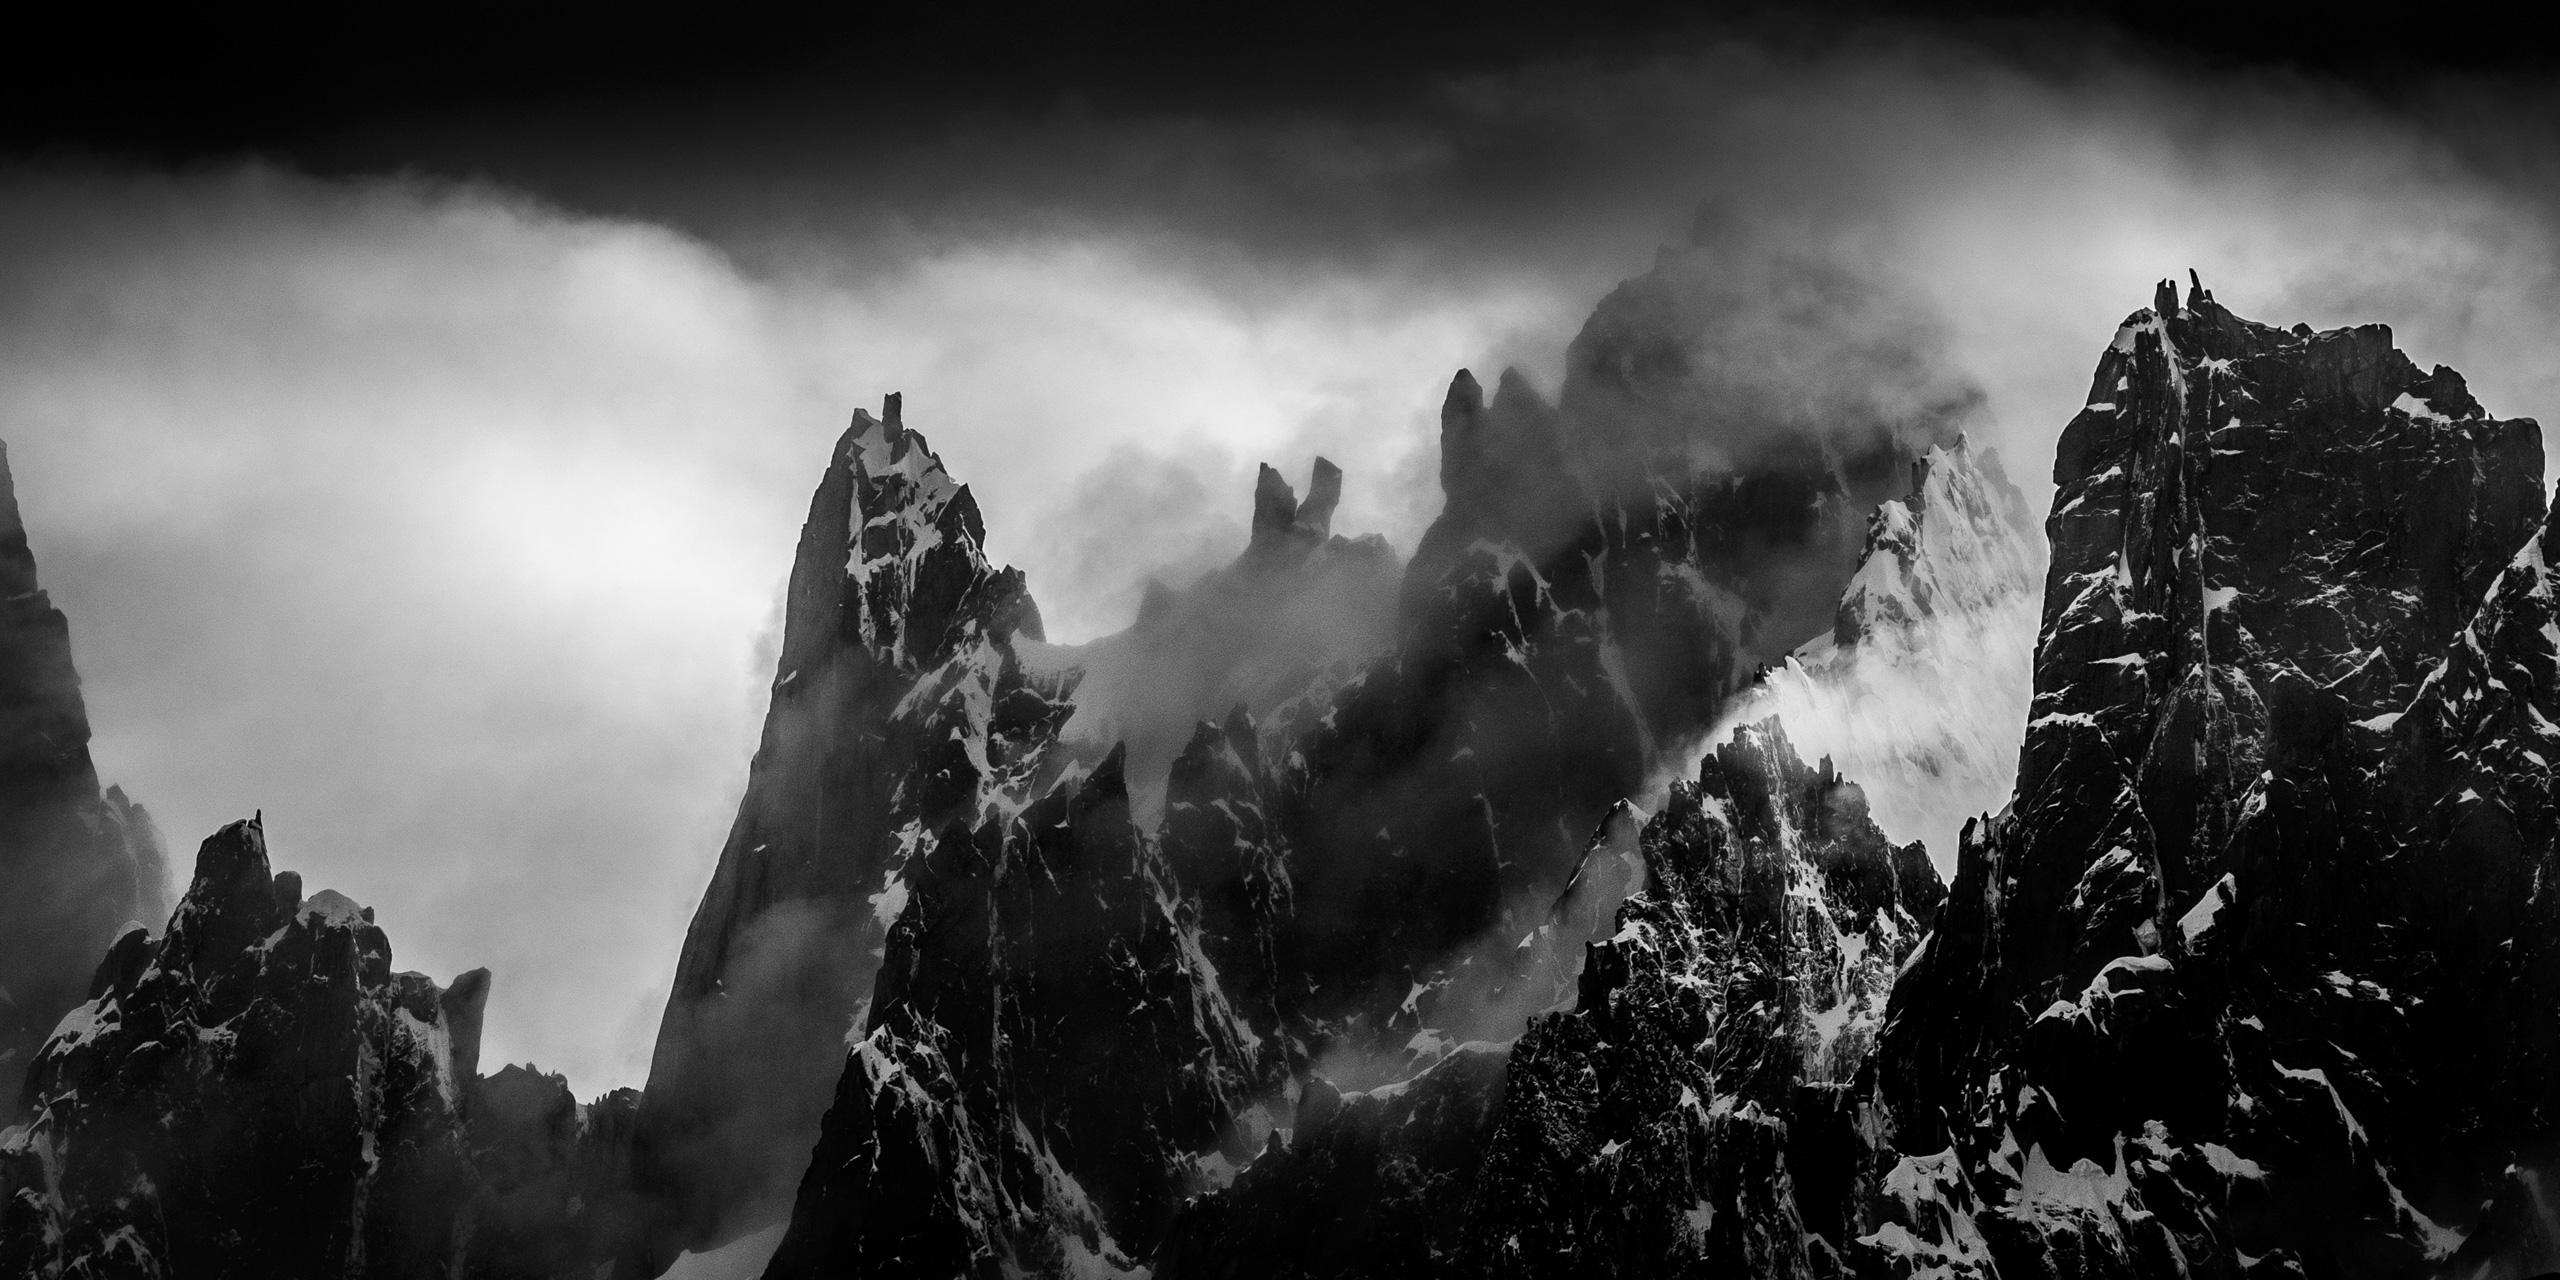 Photo montagne noir et blanc - Aiguille du midi-Chamonix-Mont Blanc-